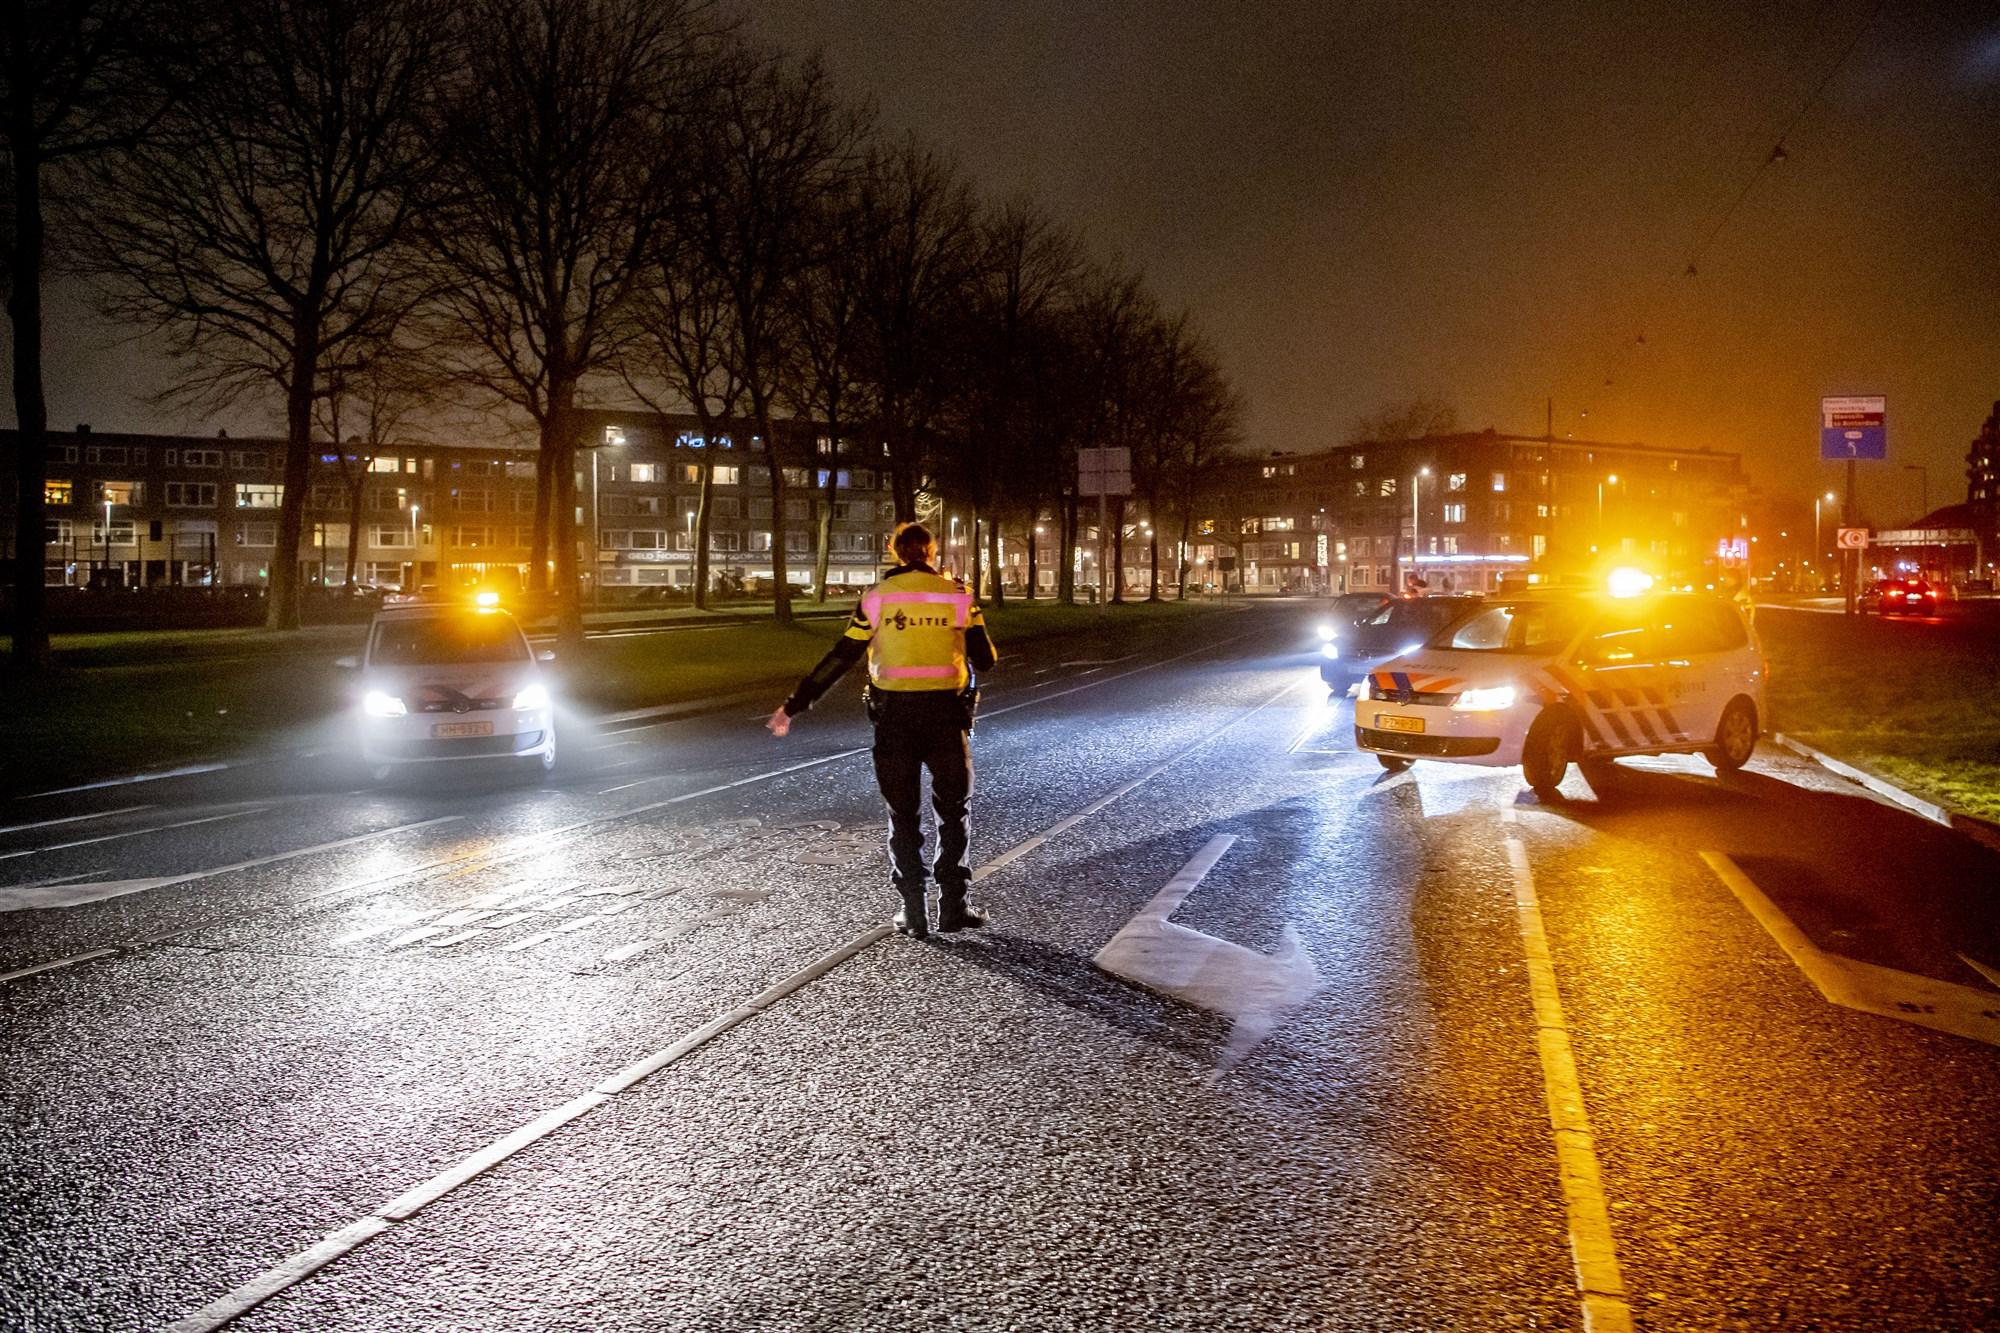 Politie controleert tijdens avondklok